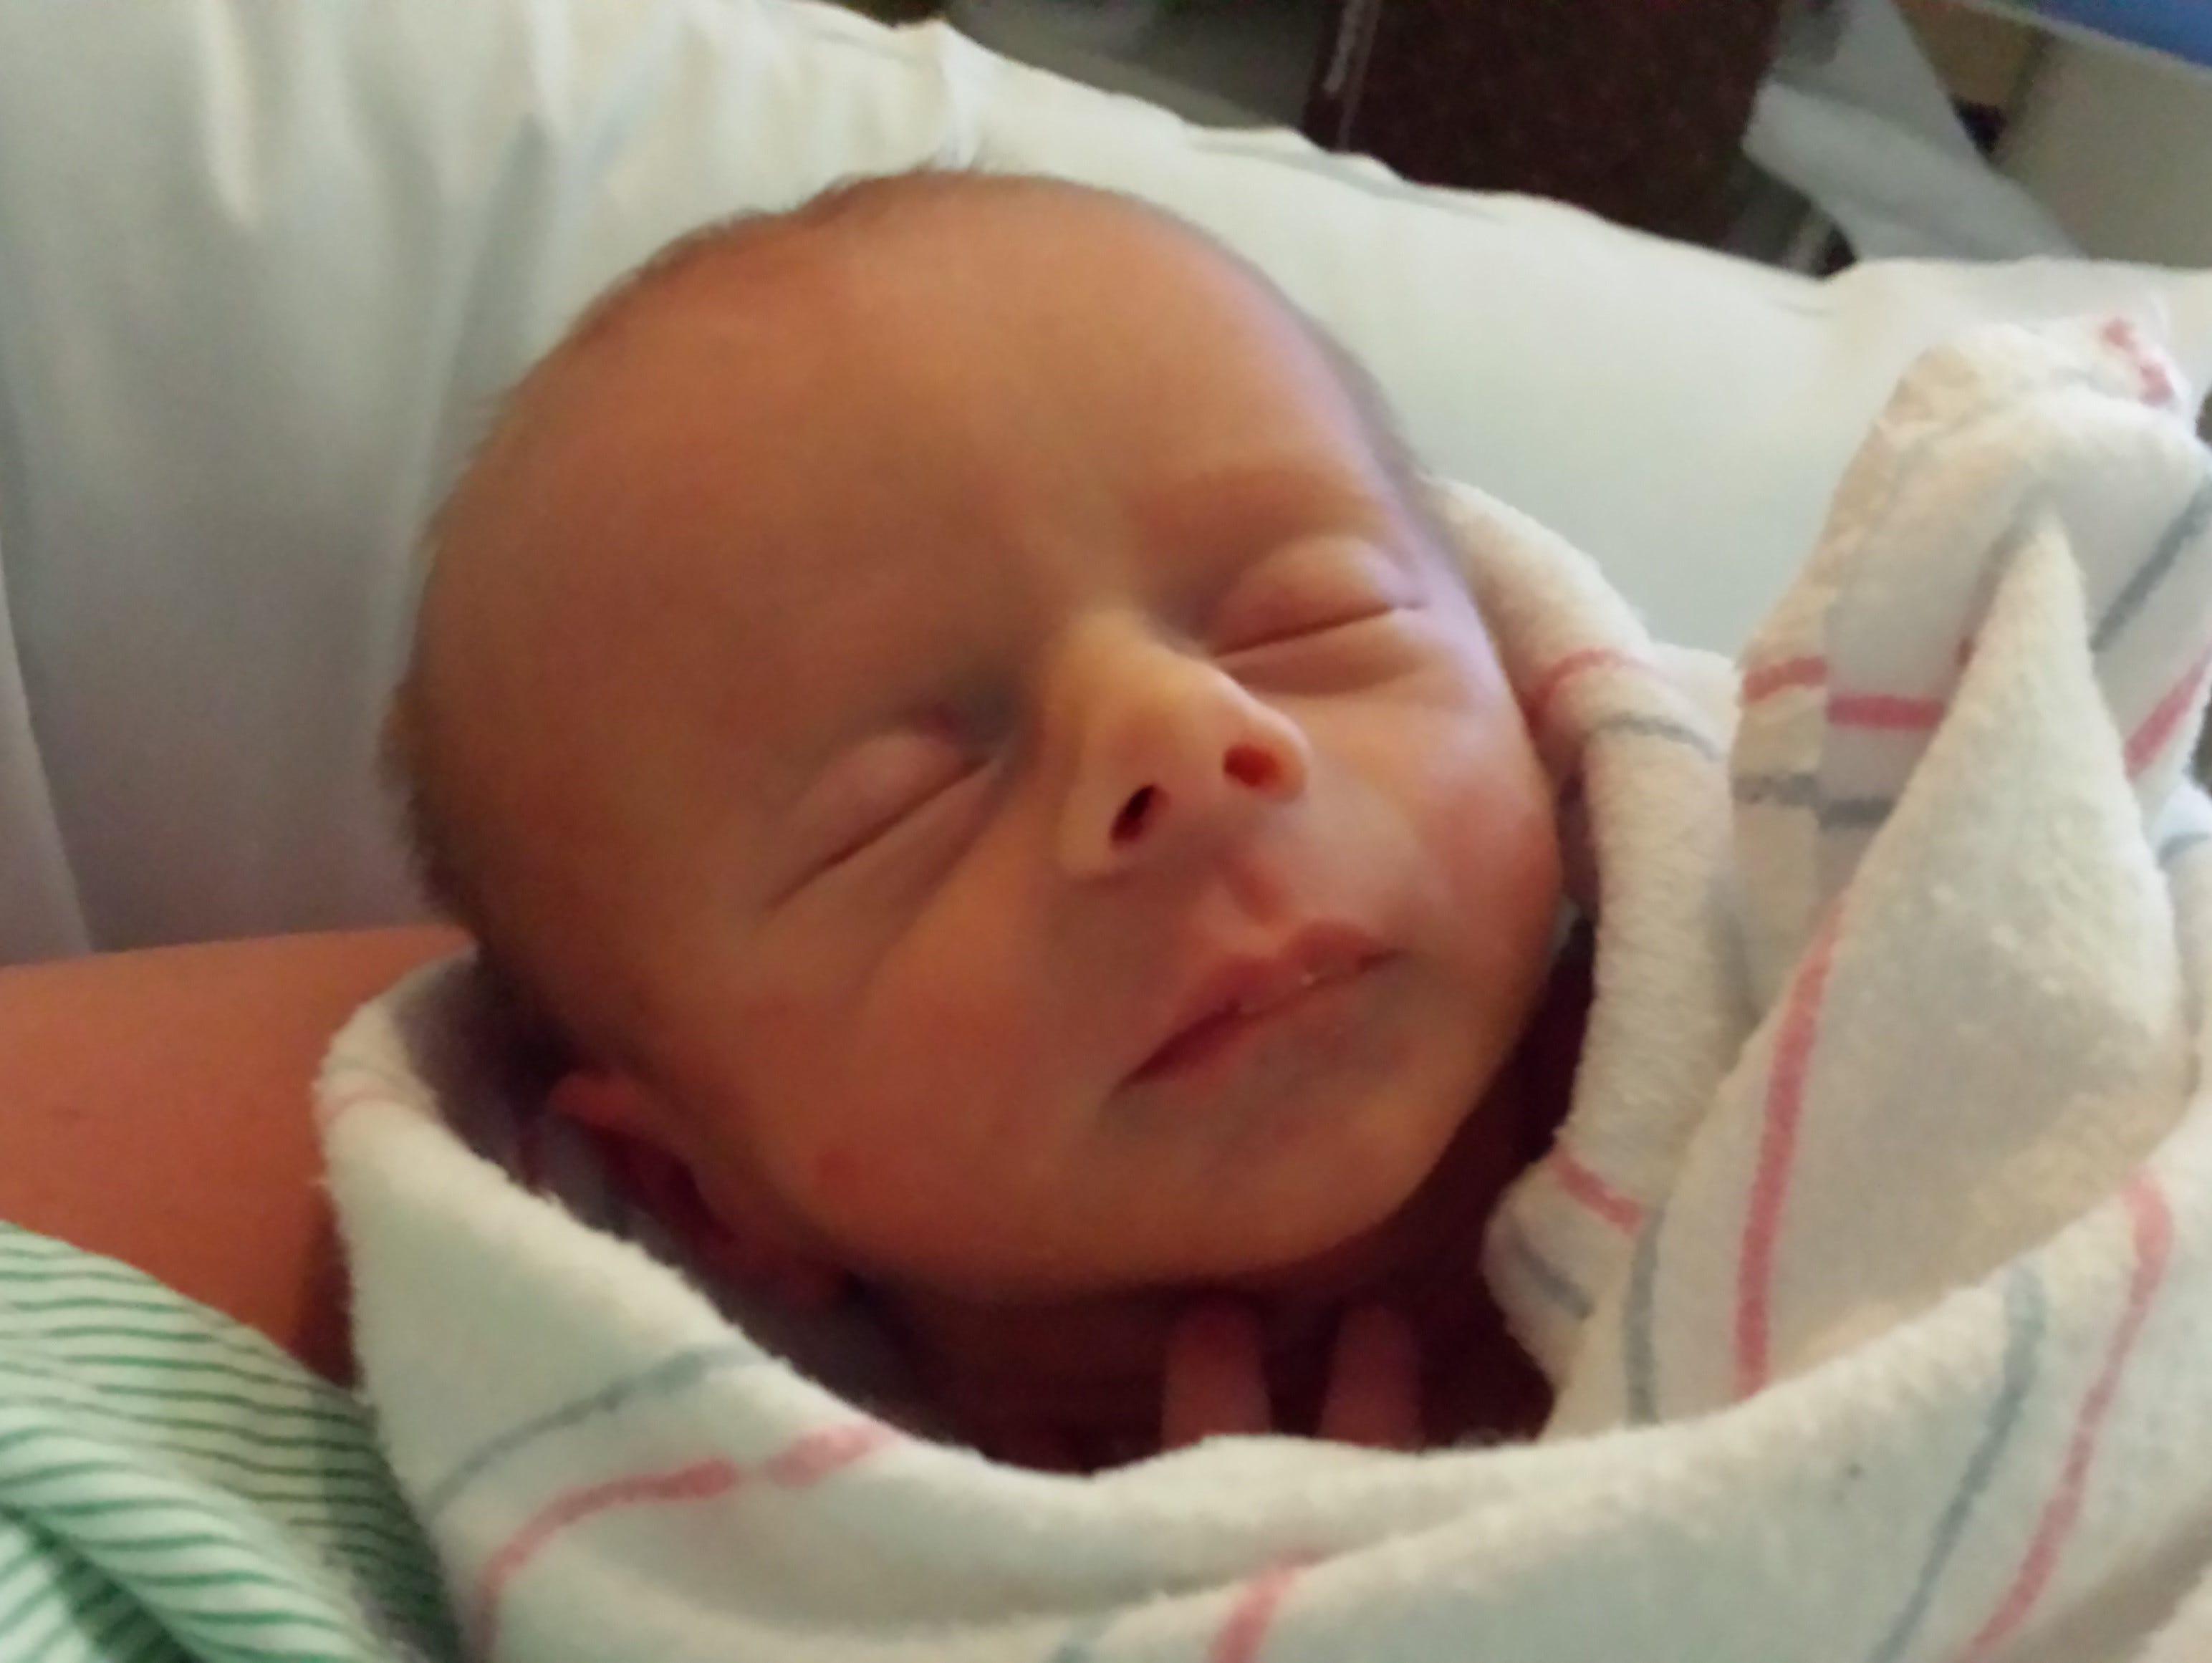 Benjamin Smalls Ellis Querry, born July 27, 2016.